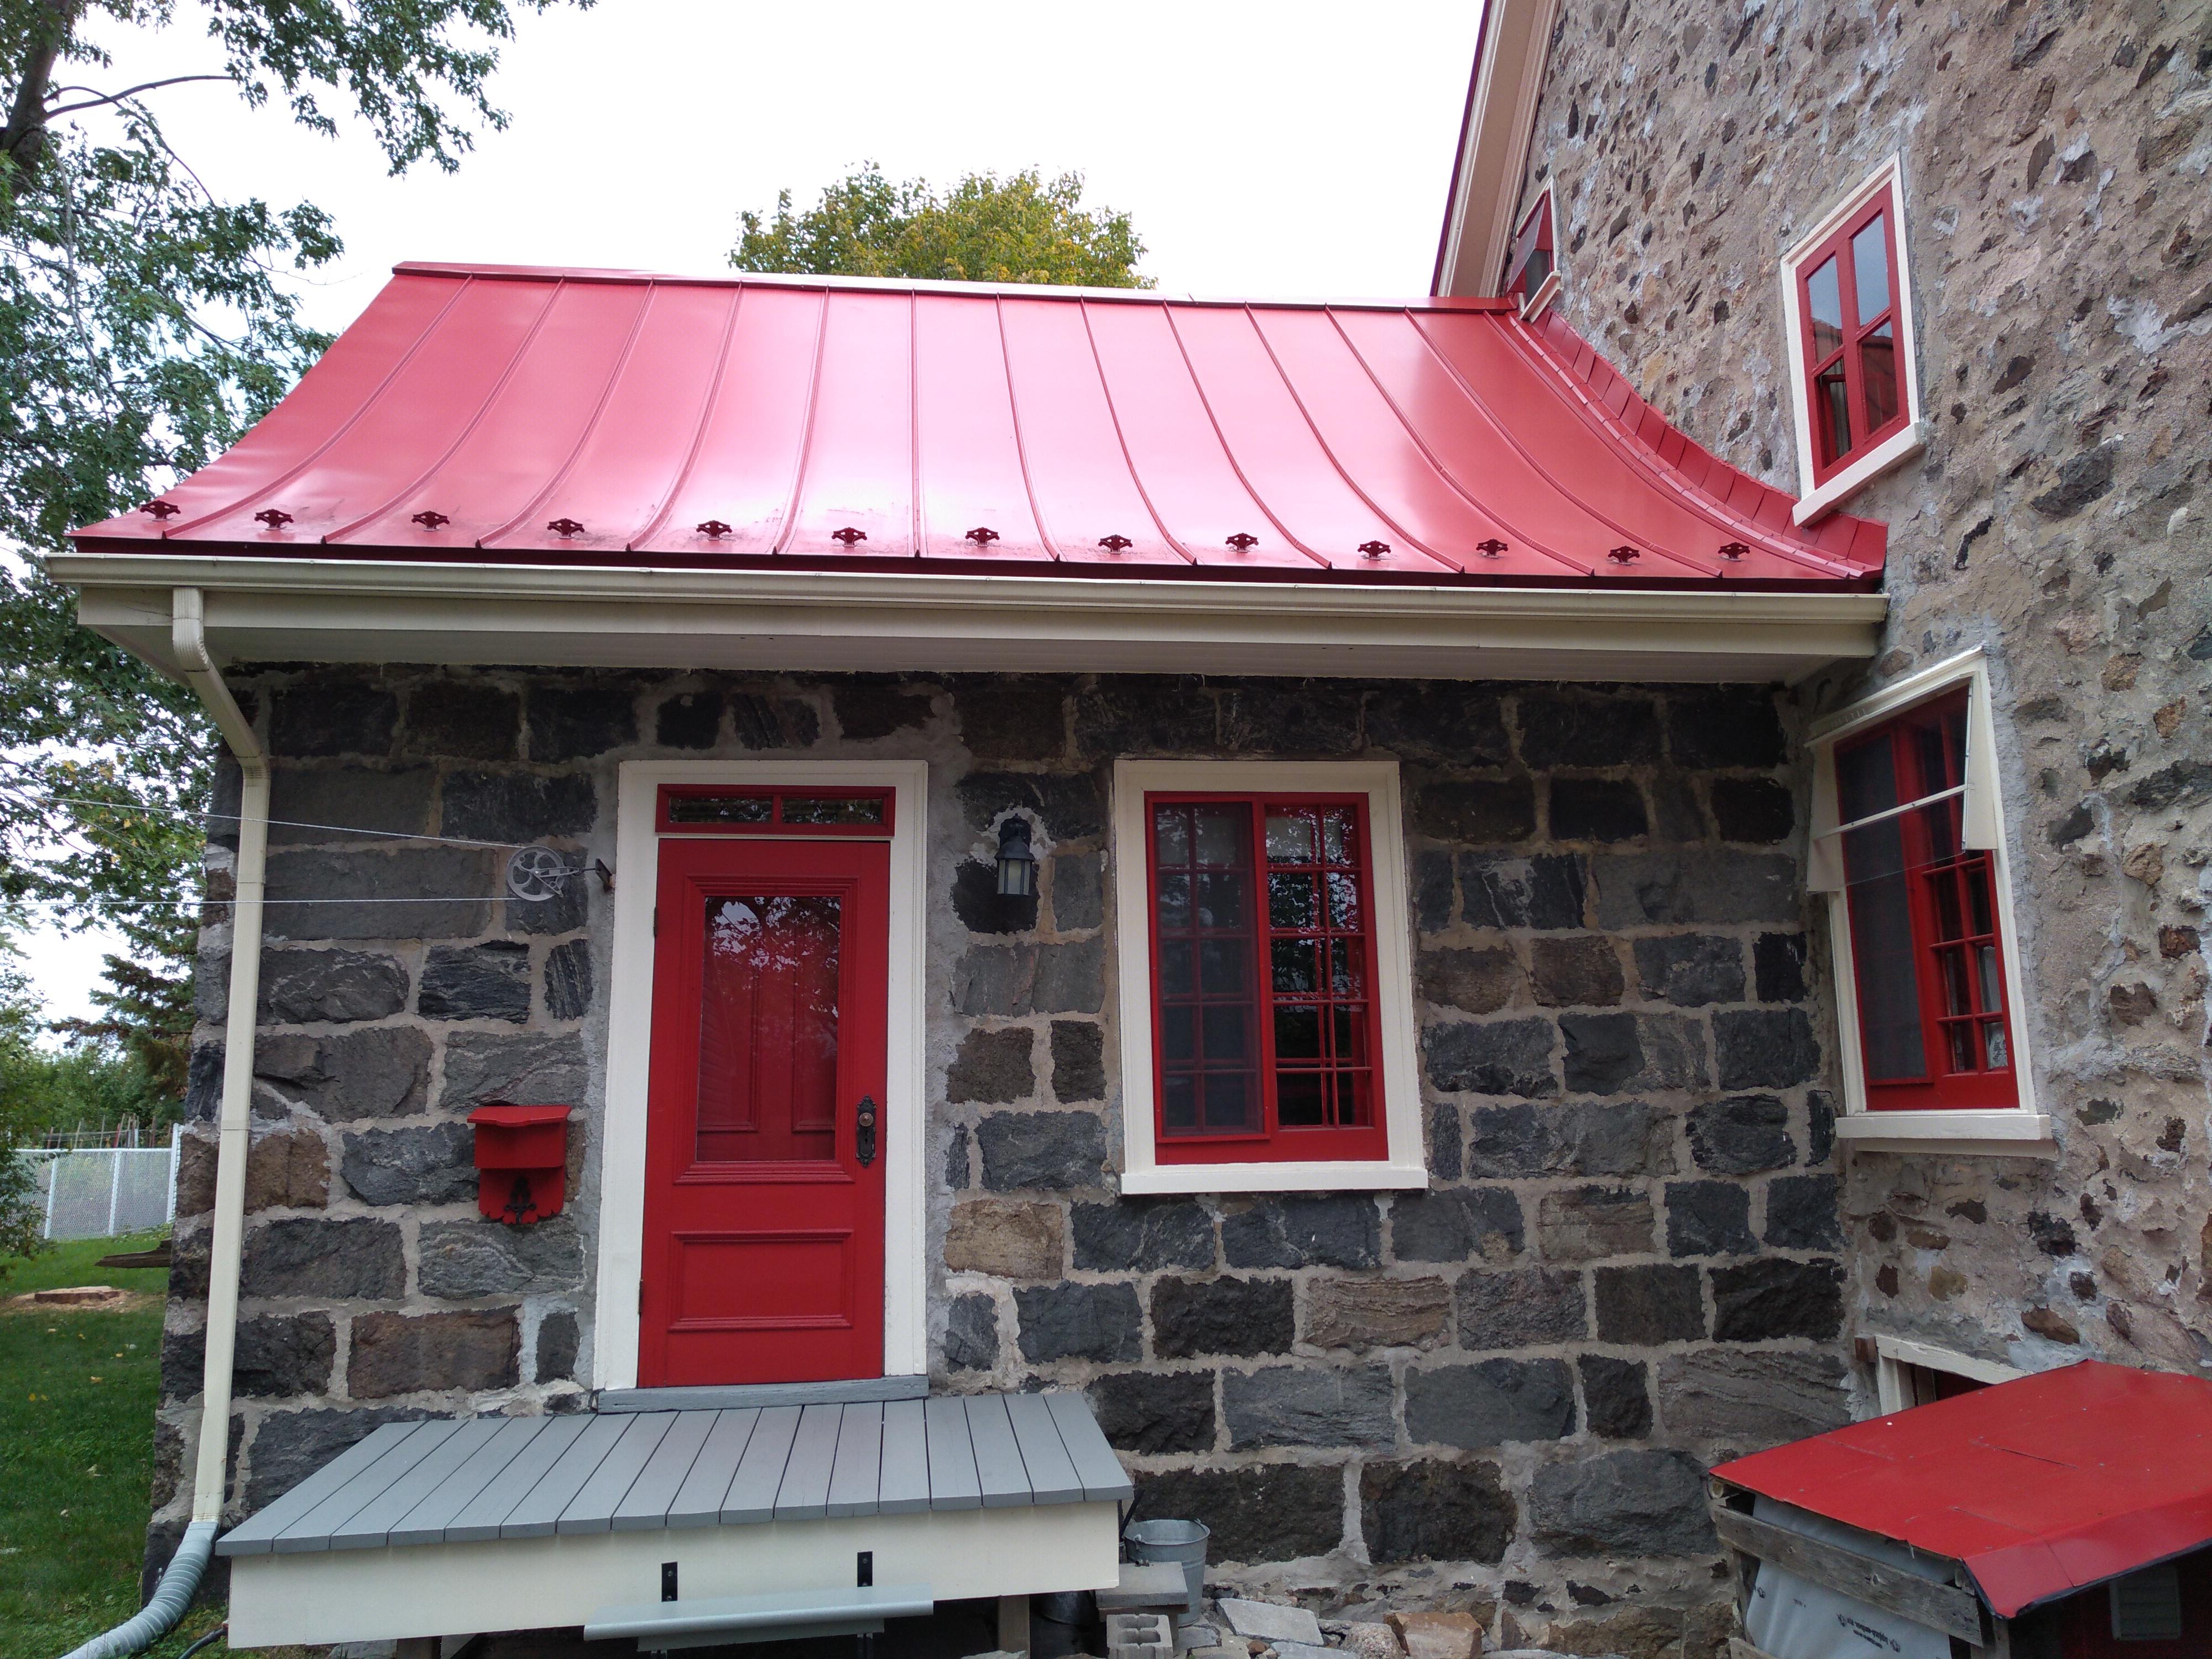 Maison d'été construite vers 1860 située sur l'une des façades latérales du corps principal.